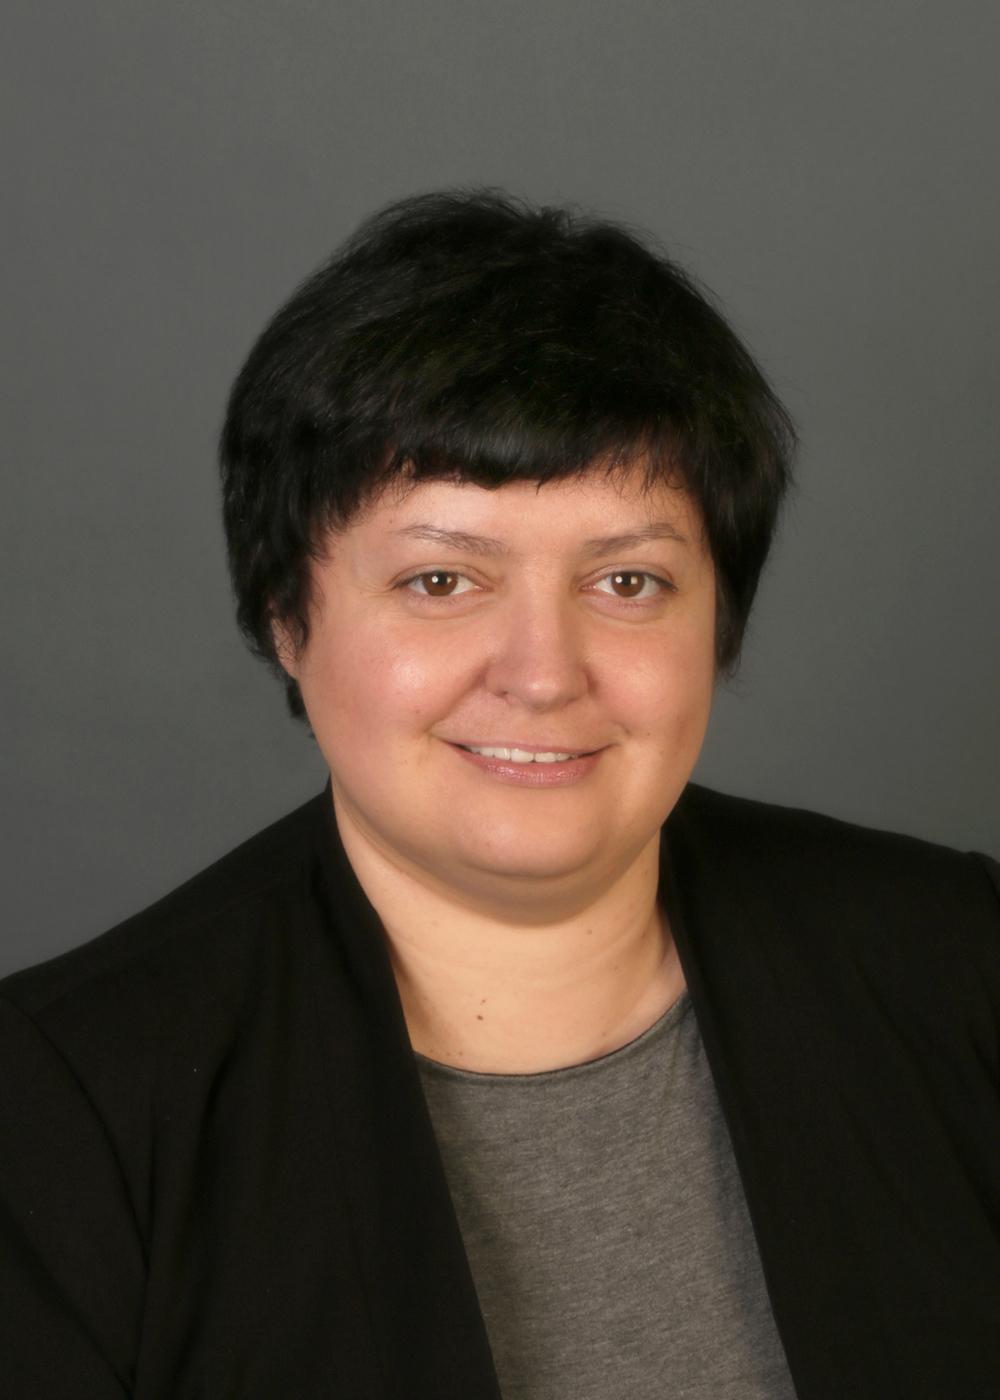 ELENA TCHIGRIAEVA, MS